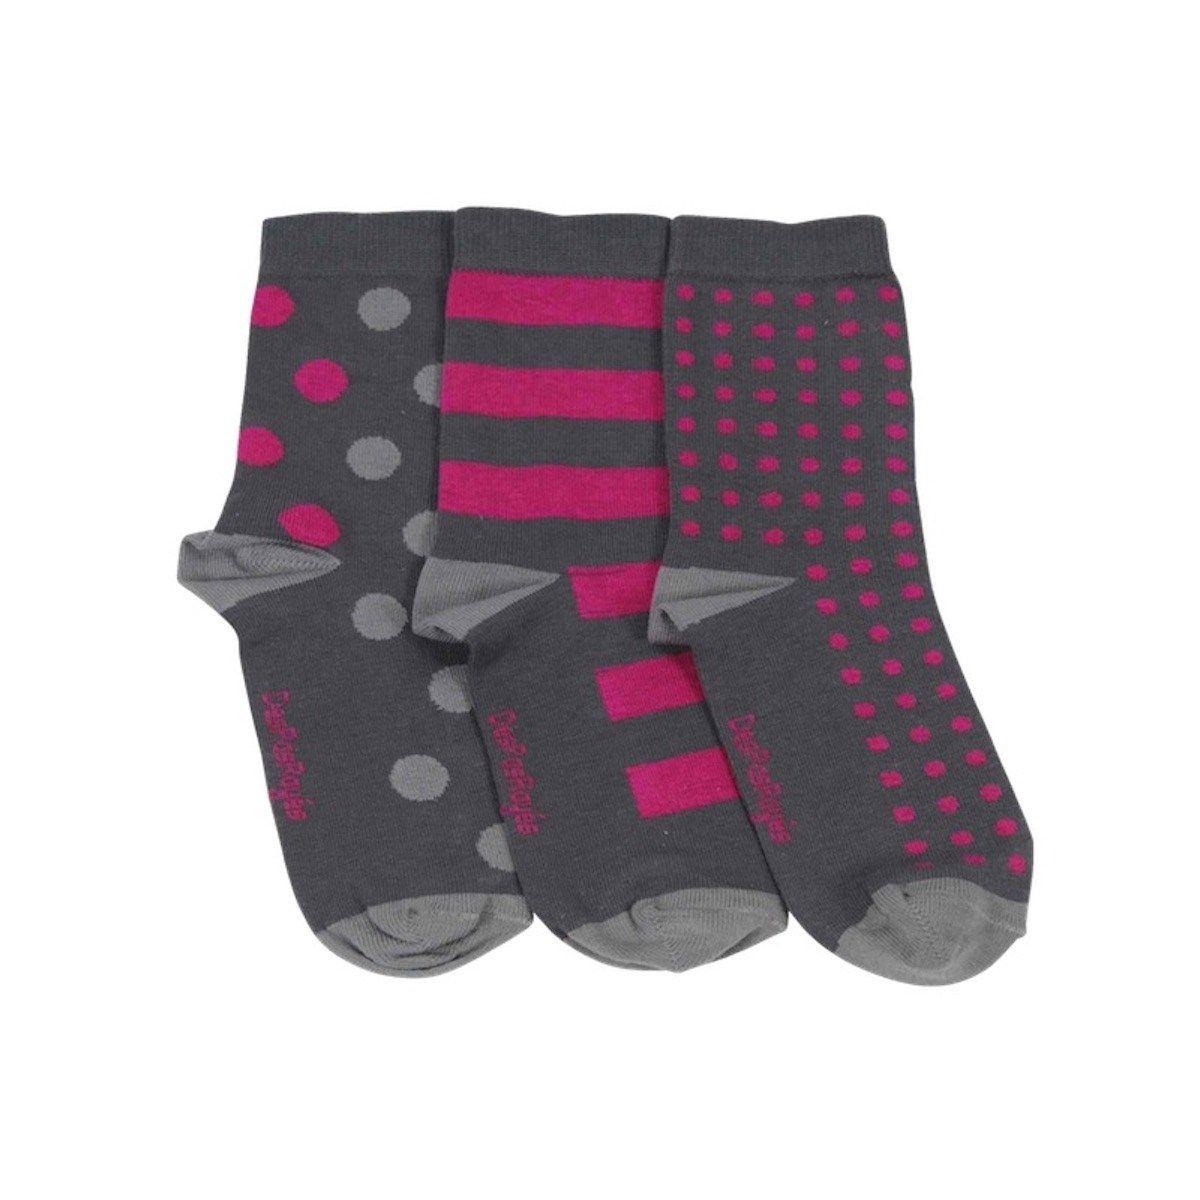 Chaussettes dépareillées à pois